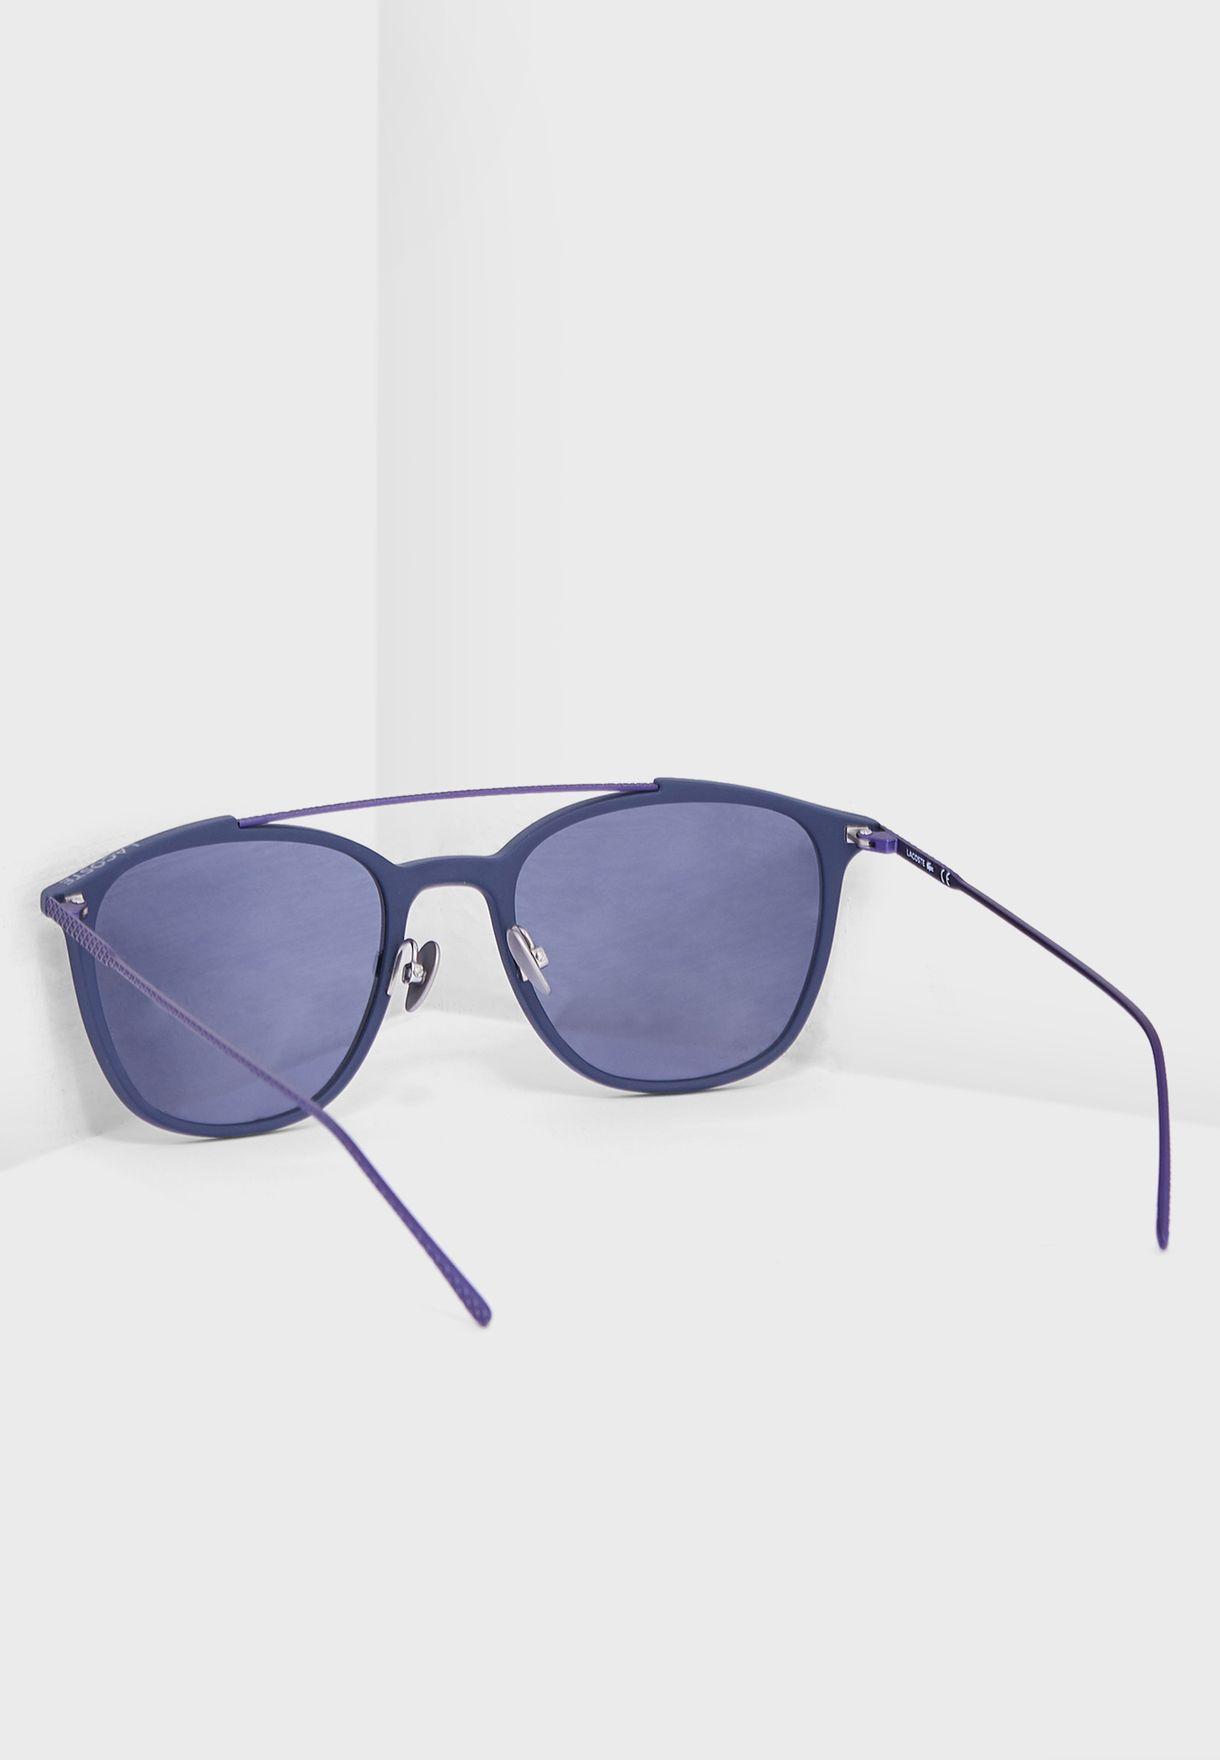 نظارة شمسية بحماية من الاشعة فوق البنفسجية